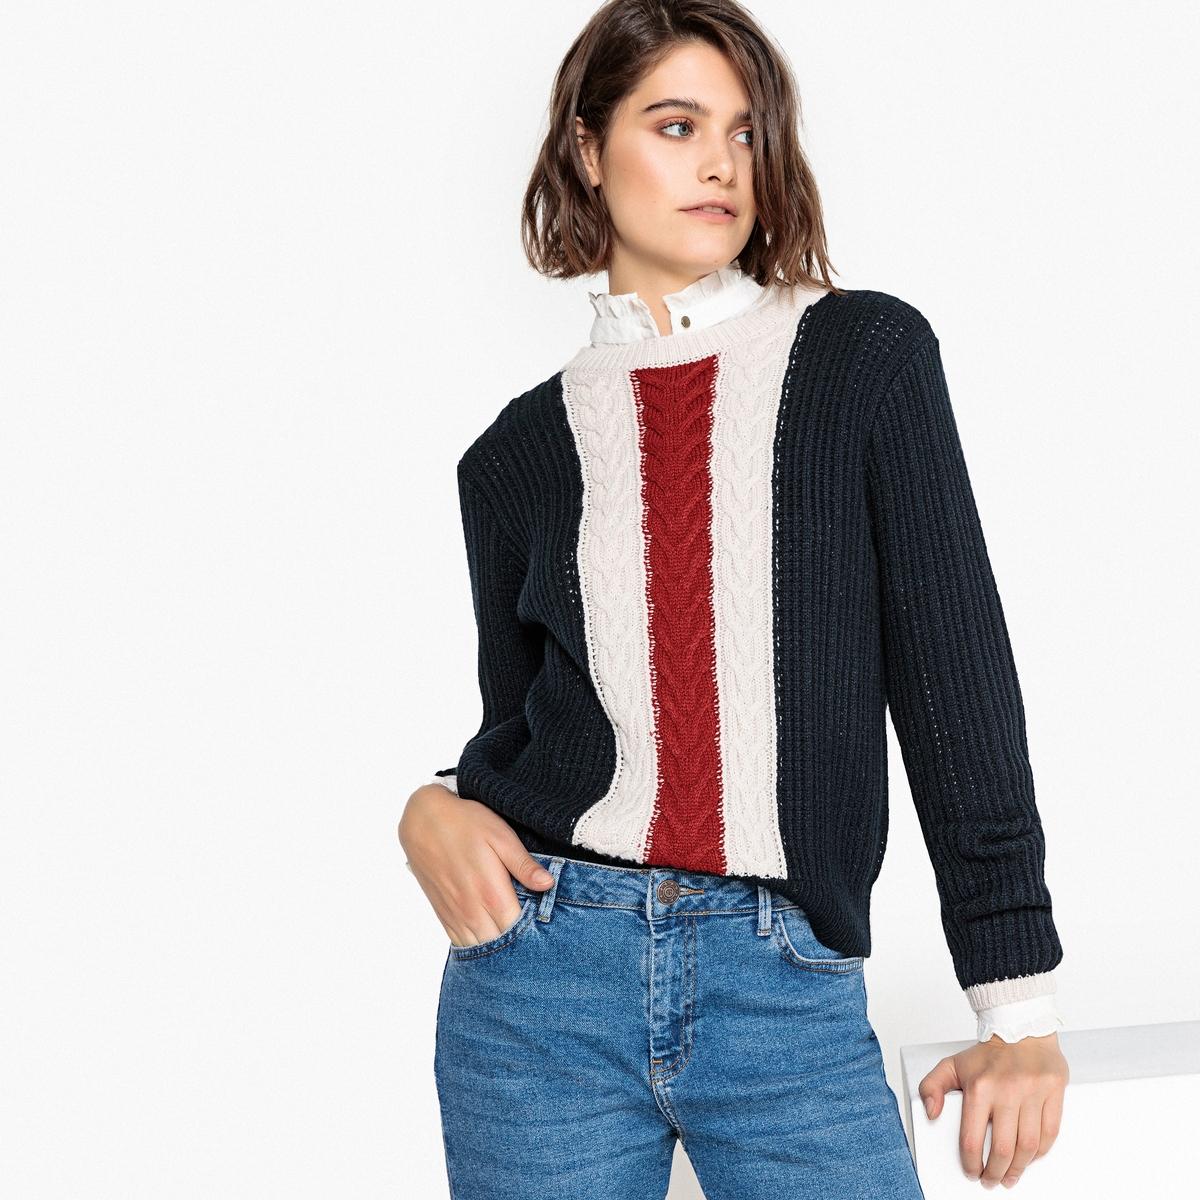 Trójkolorowy sweter z okrągłym dekoltem, wełna